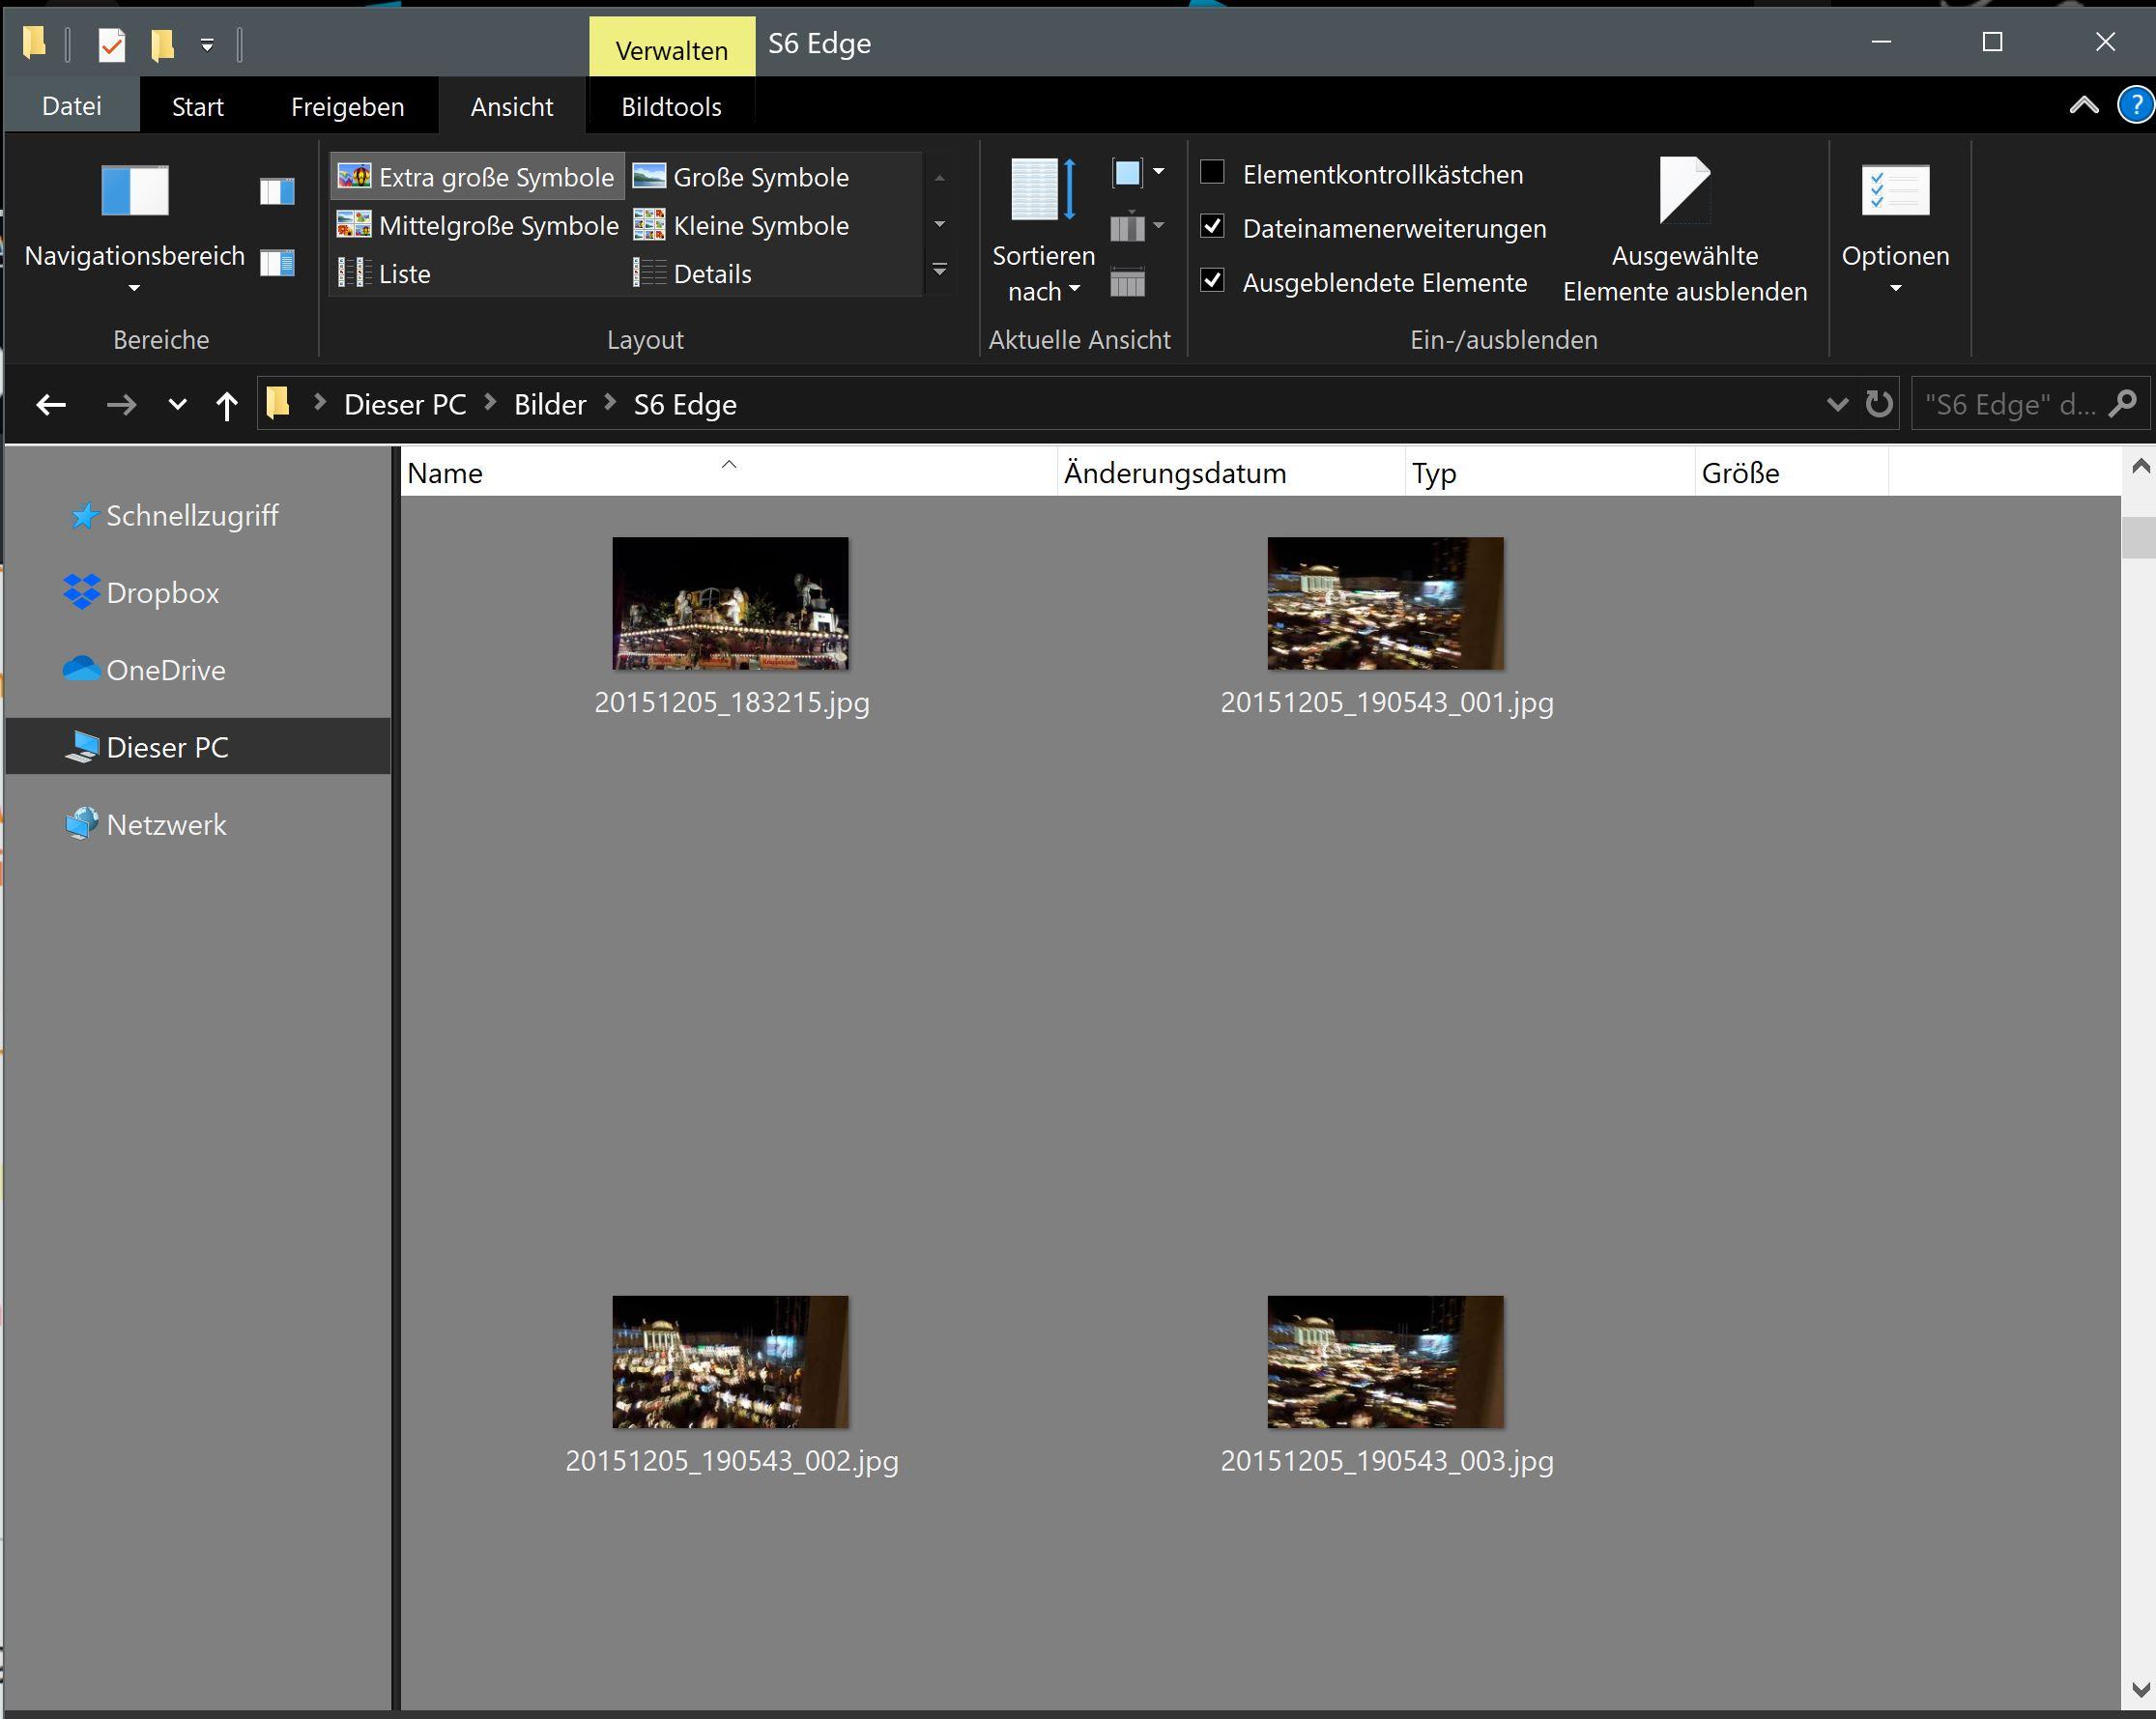 Symbolbild/ Bilder Voransicht in der Exploreransicht - extra große Symbole- zu klein - bei 4k